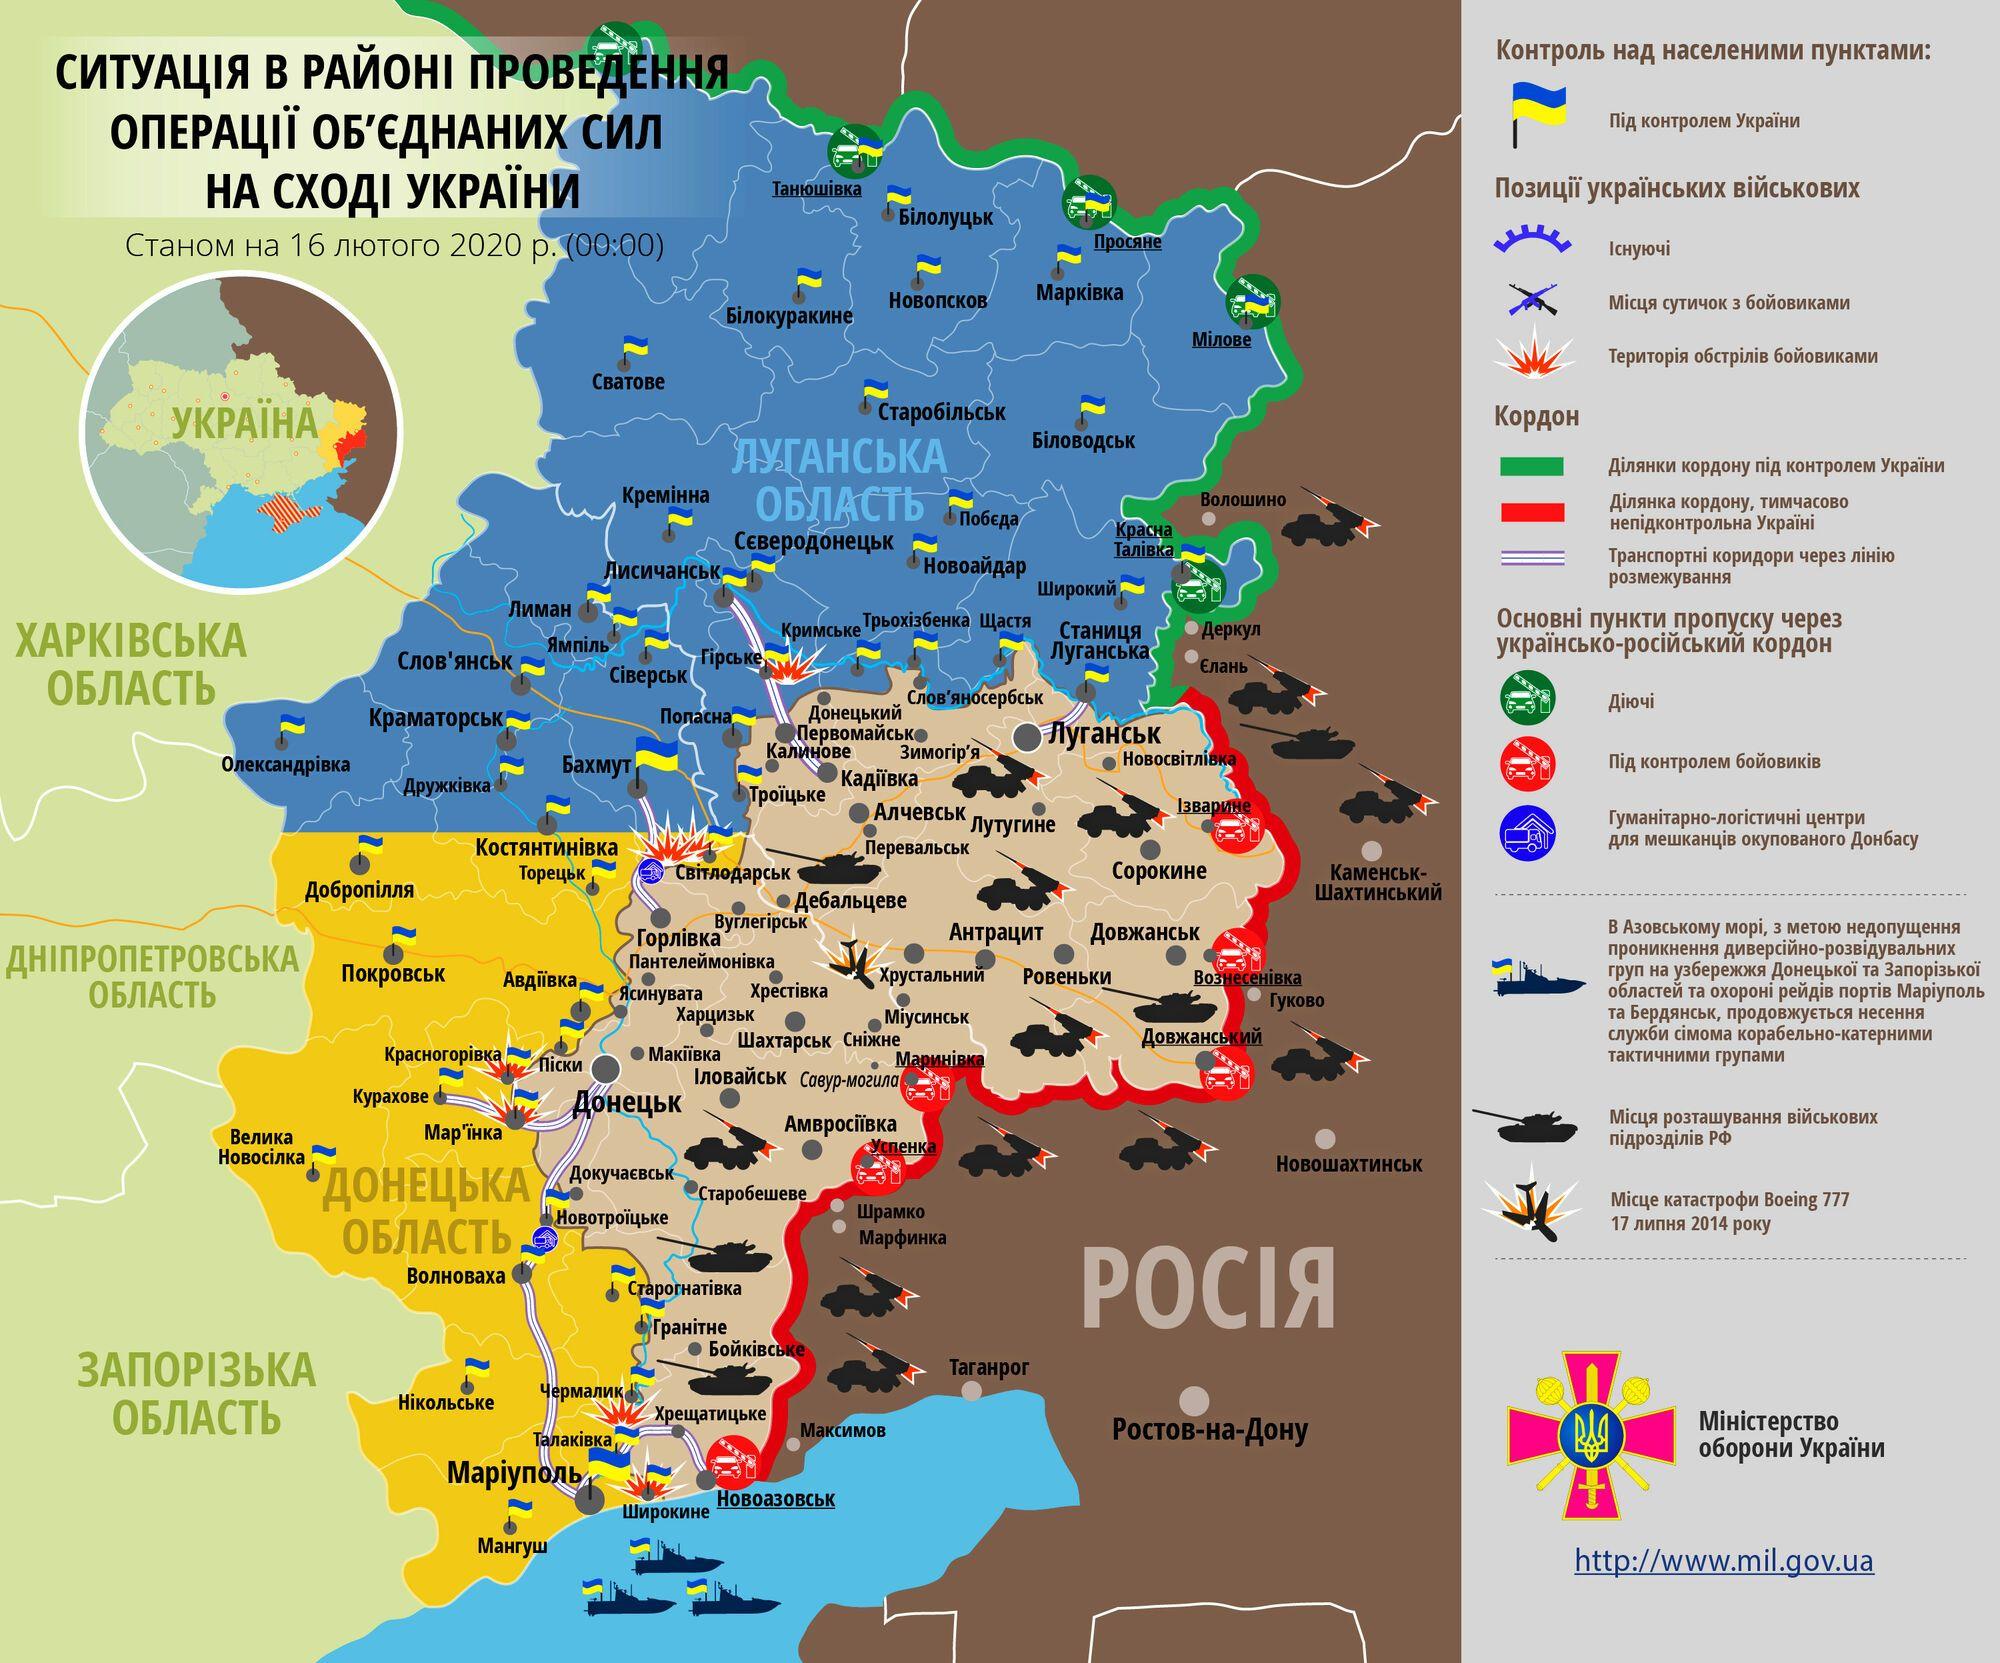 """Вистояли! ЗСУ відбили підлу атаку """"Л/ДНР"""" на Донбасі"""